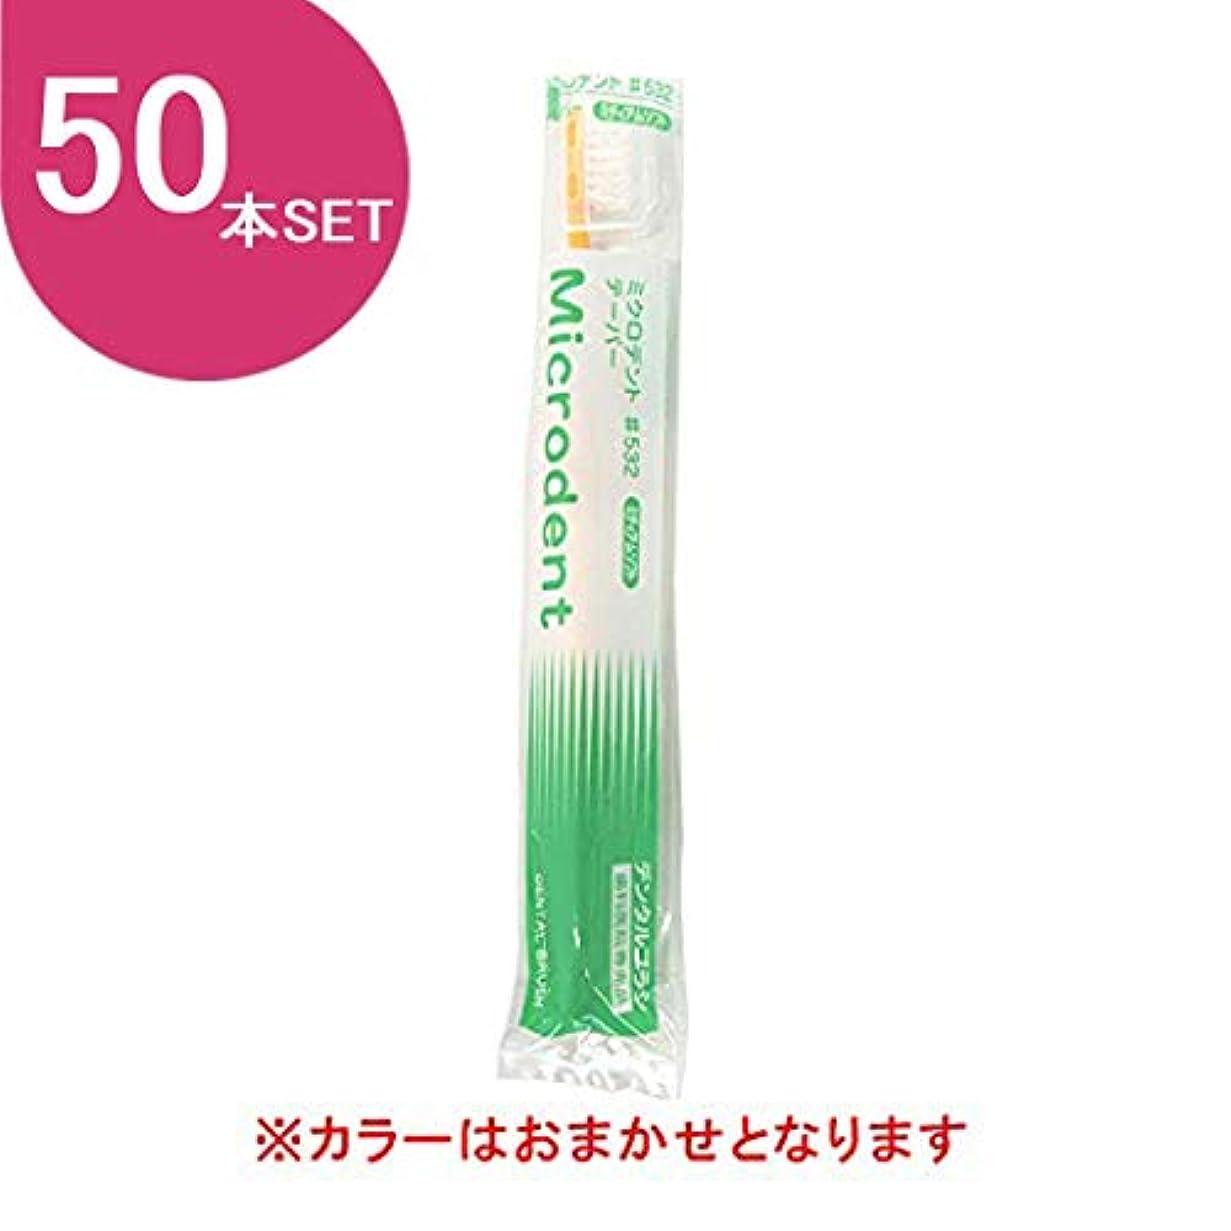 ライバルデコラティブ実験白水貿易 ミクロデント (Microdent) 50本 #532 (ミディアム)